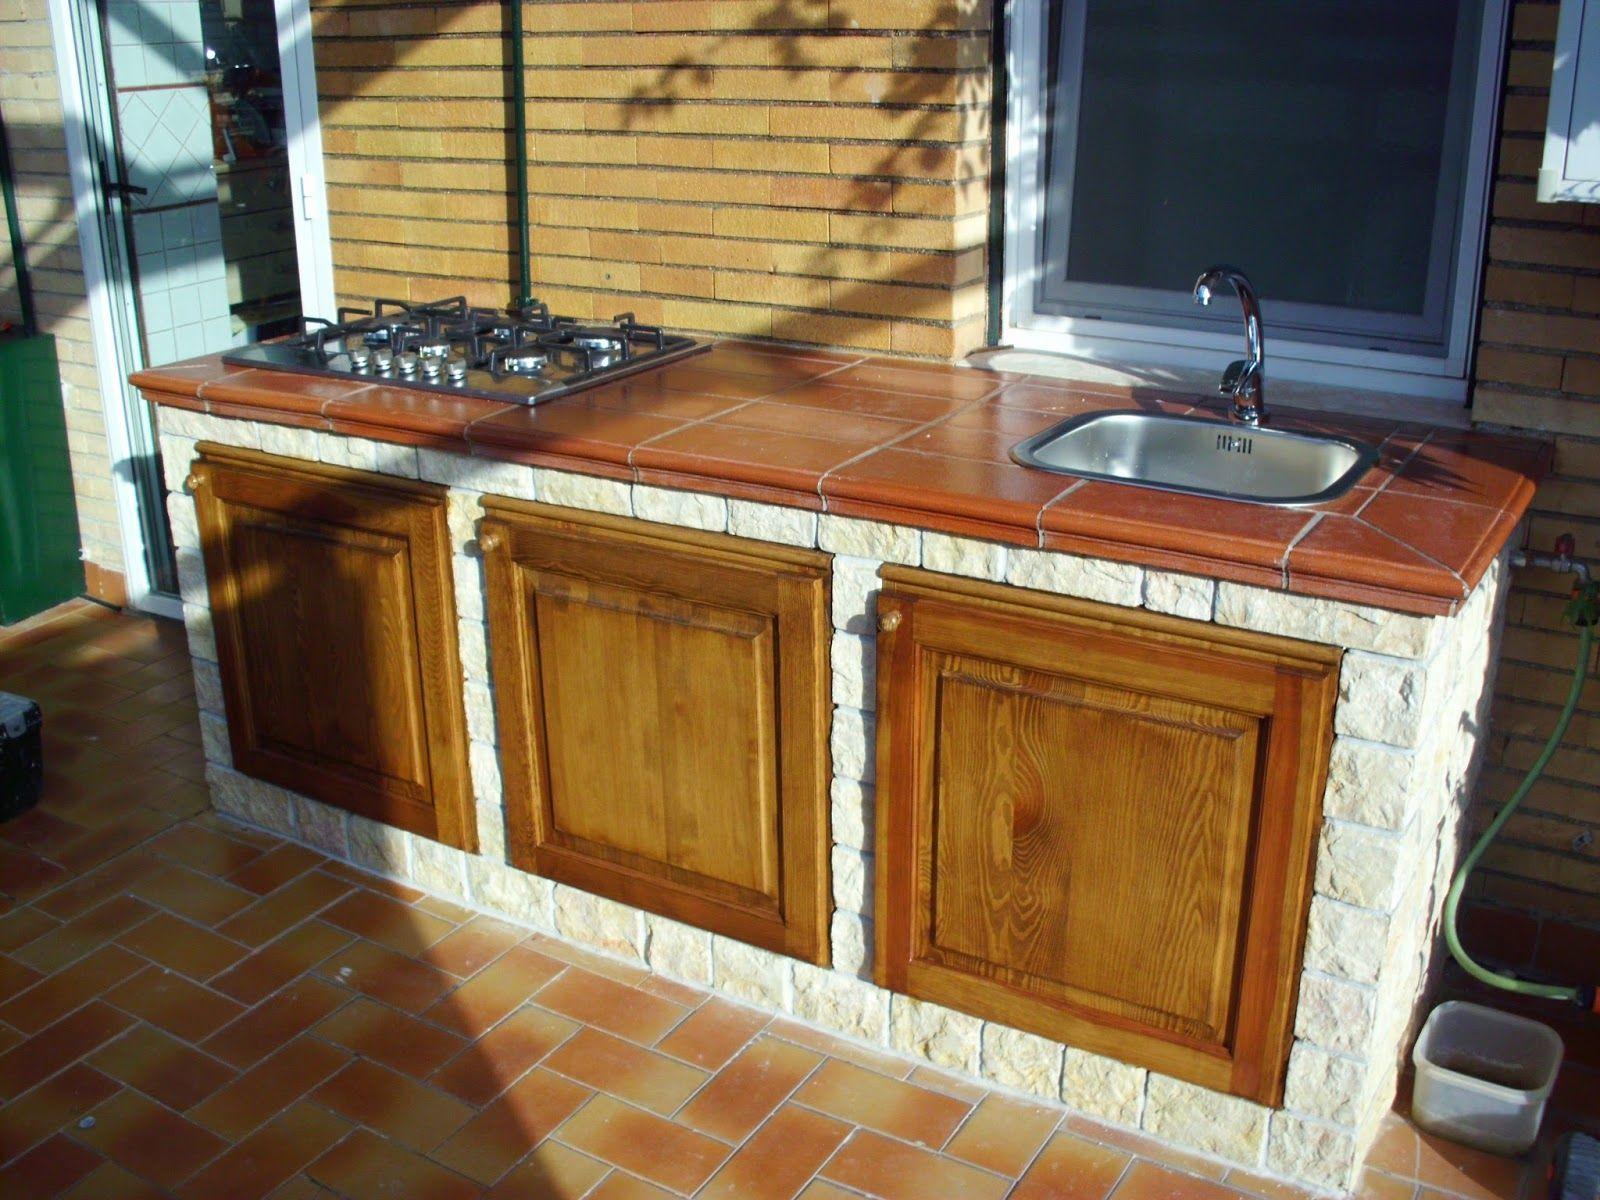 cucina muratura esterno - Cerca con Google | Casa | Pinterest ...